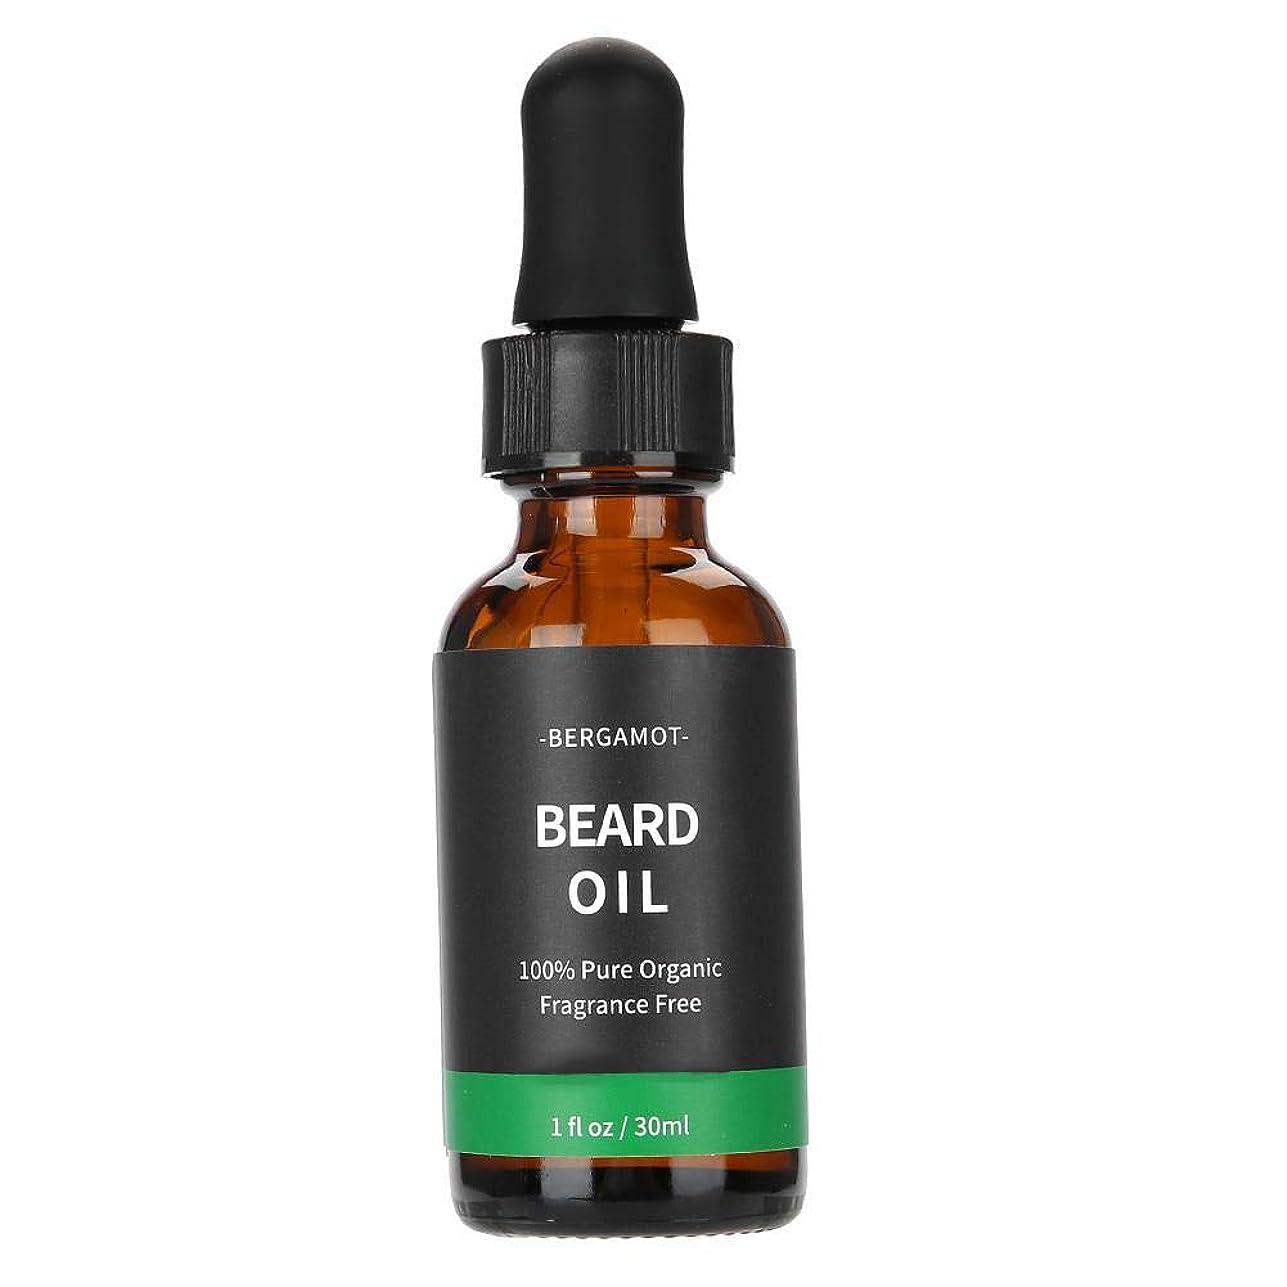 スペード電子バナーひげのコンディショナーおよびオイル、ふけを減らすためのアルガンオイルおよびヒマラヤスギオイルが含まれています男性のためのひげおよび口ひげを柔らかくし、増強します